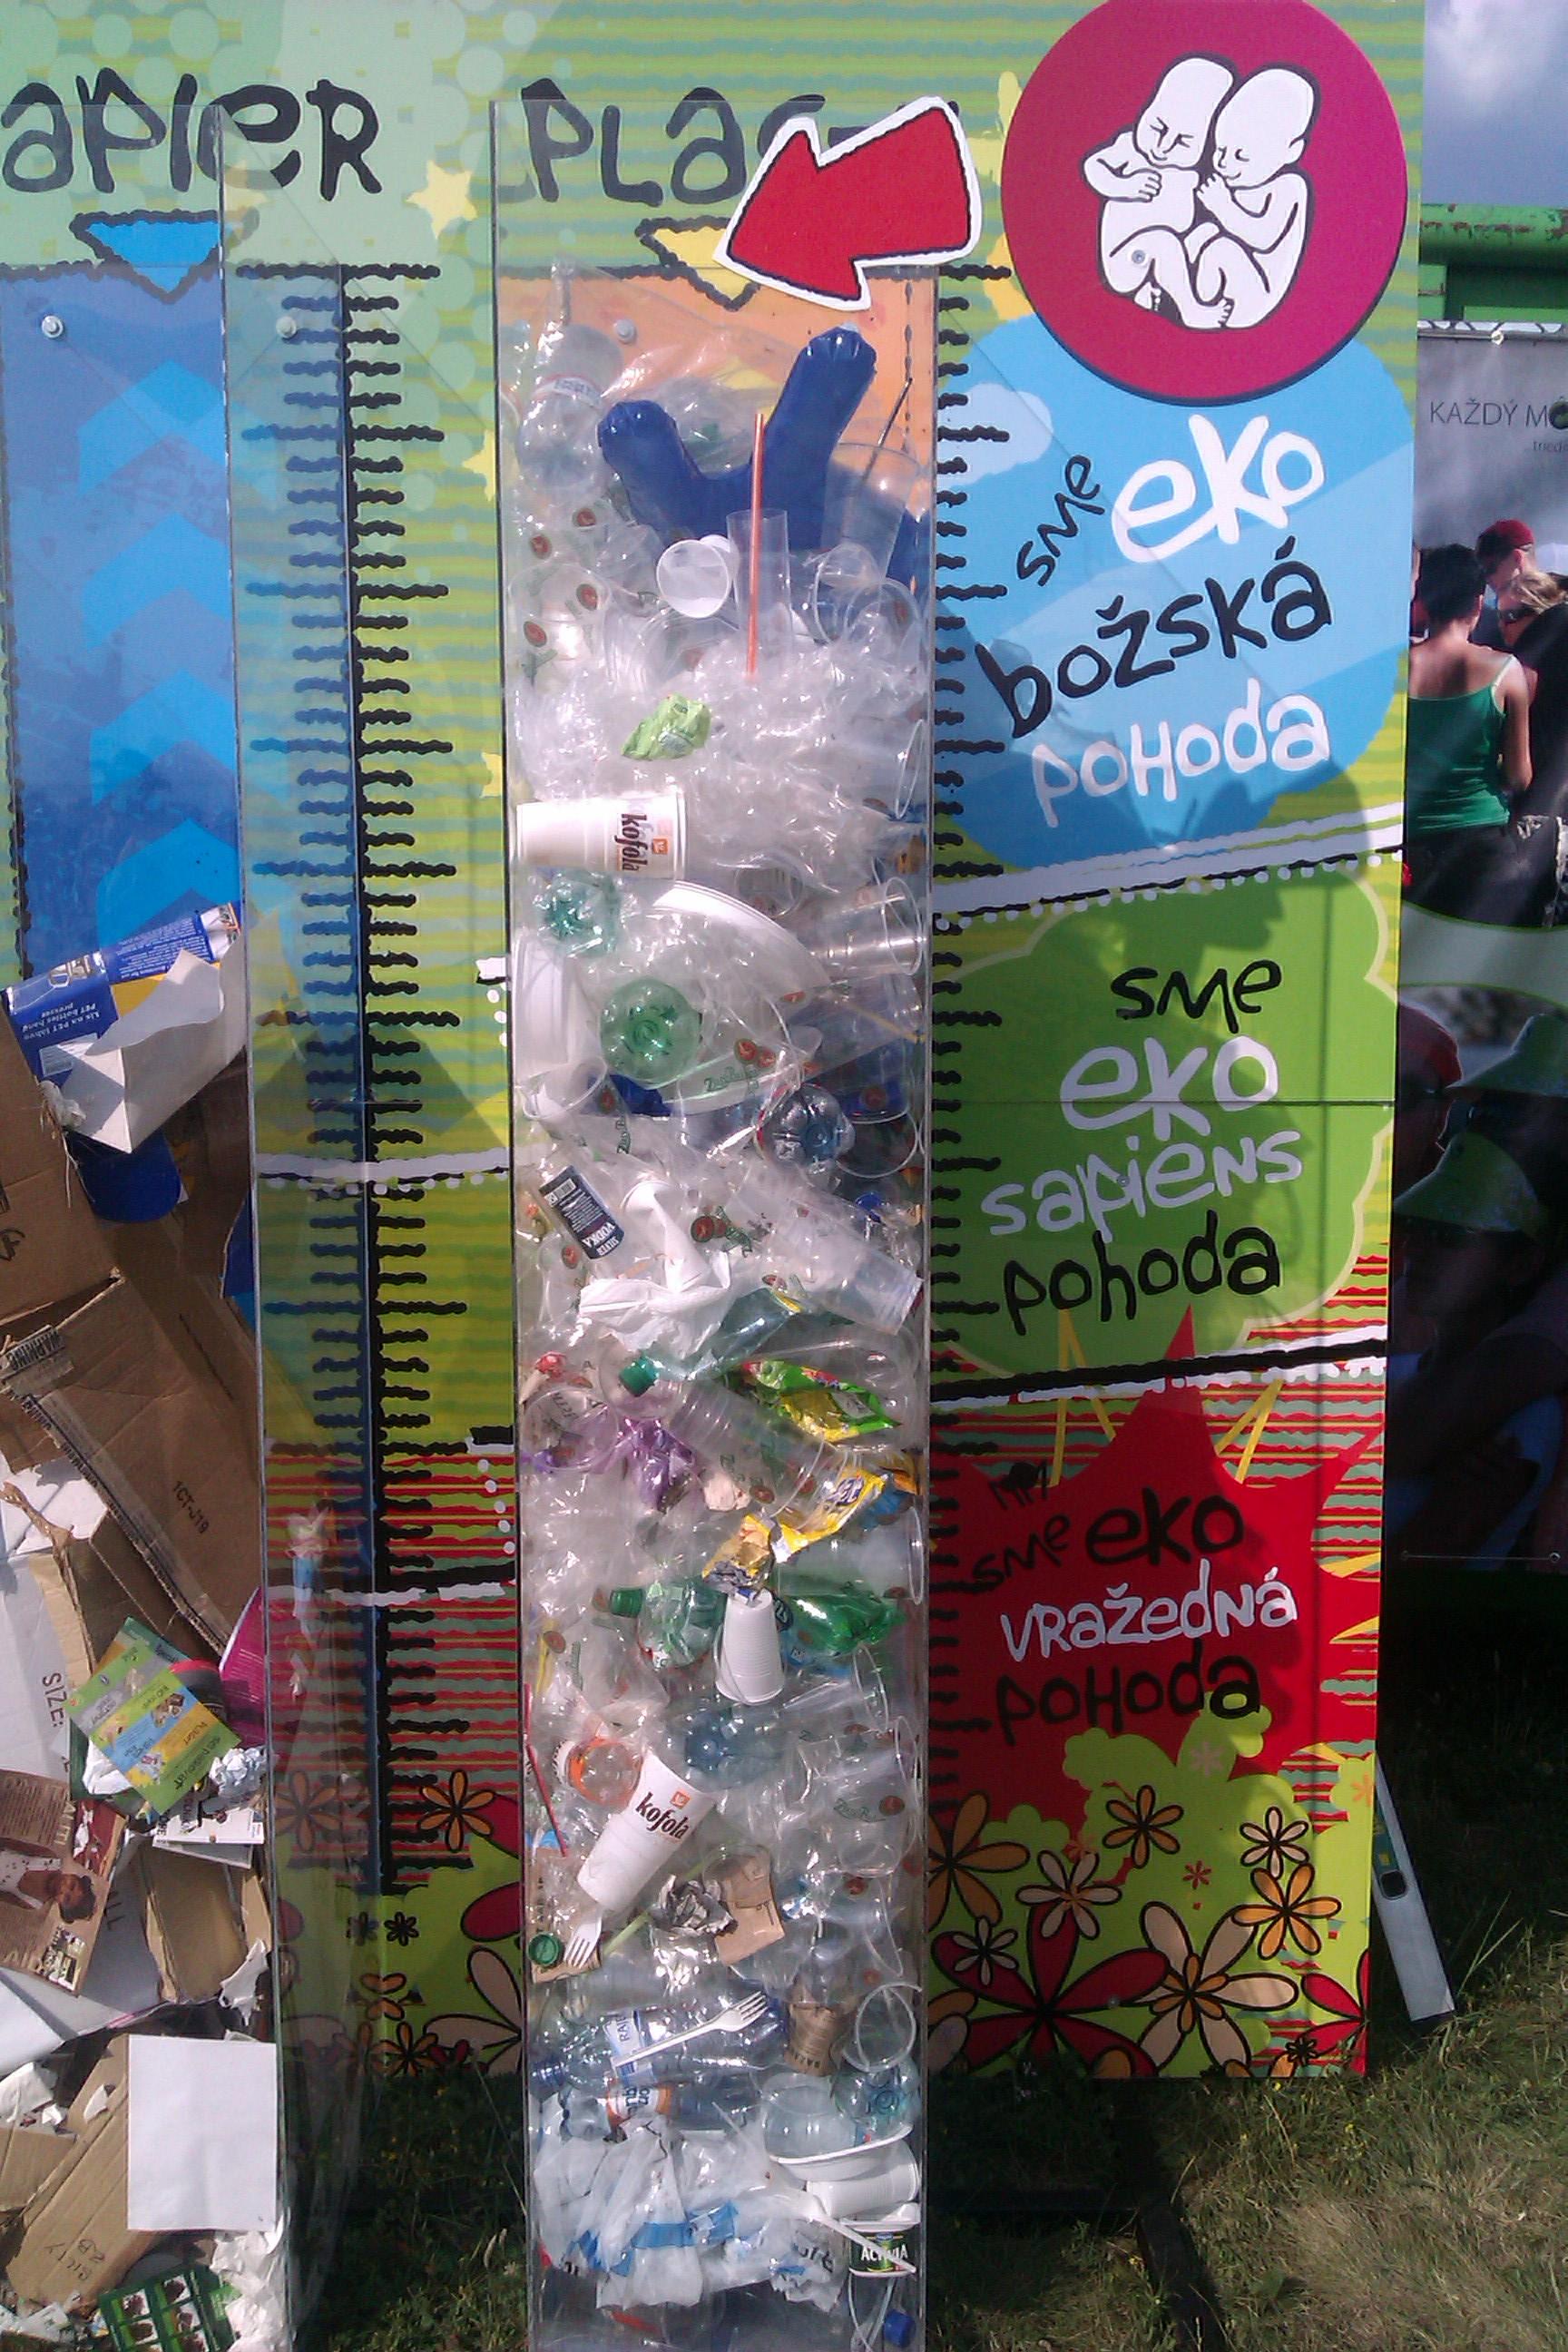 Ľudia videli na Pohode odpad! Atento rok ho vytriedili rekordne veľa! BOMBING